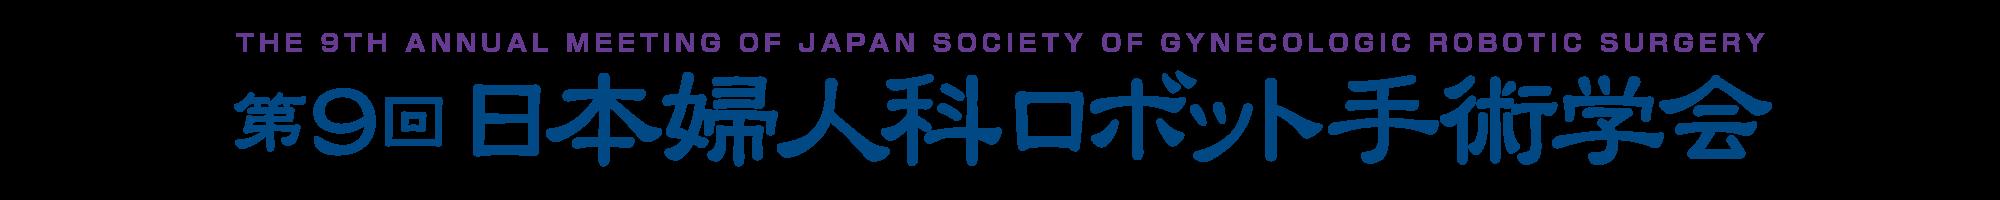 第9回日本婦人科ロボット手術学会